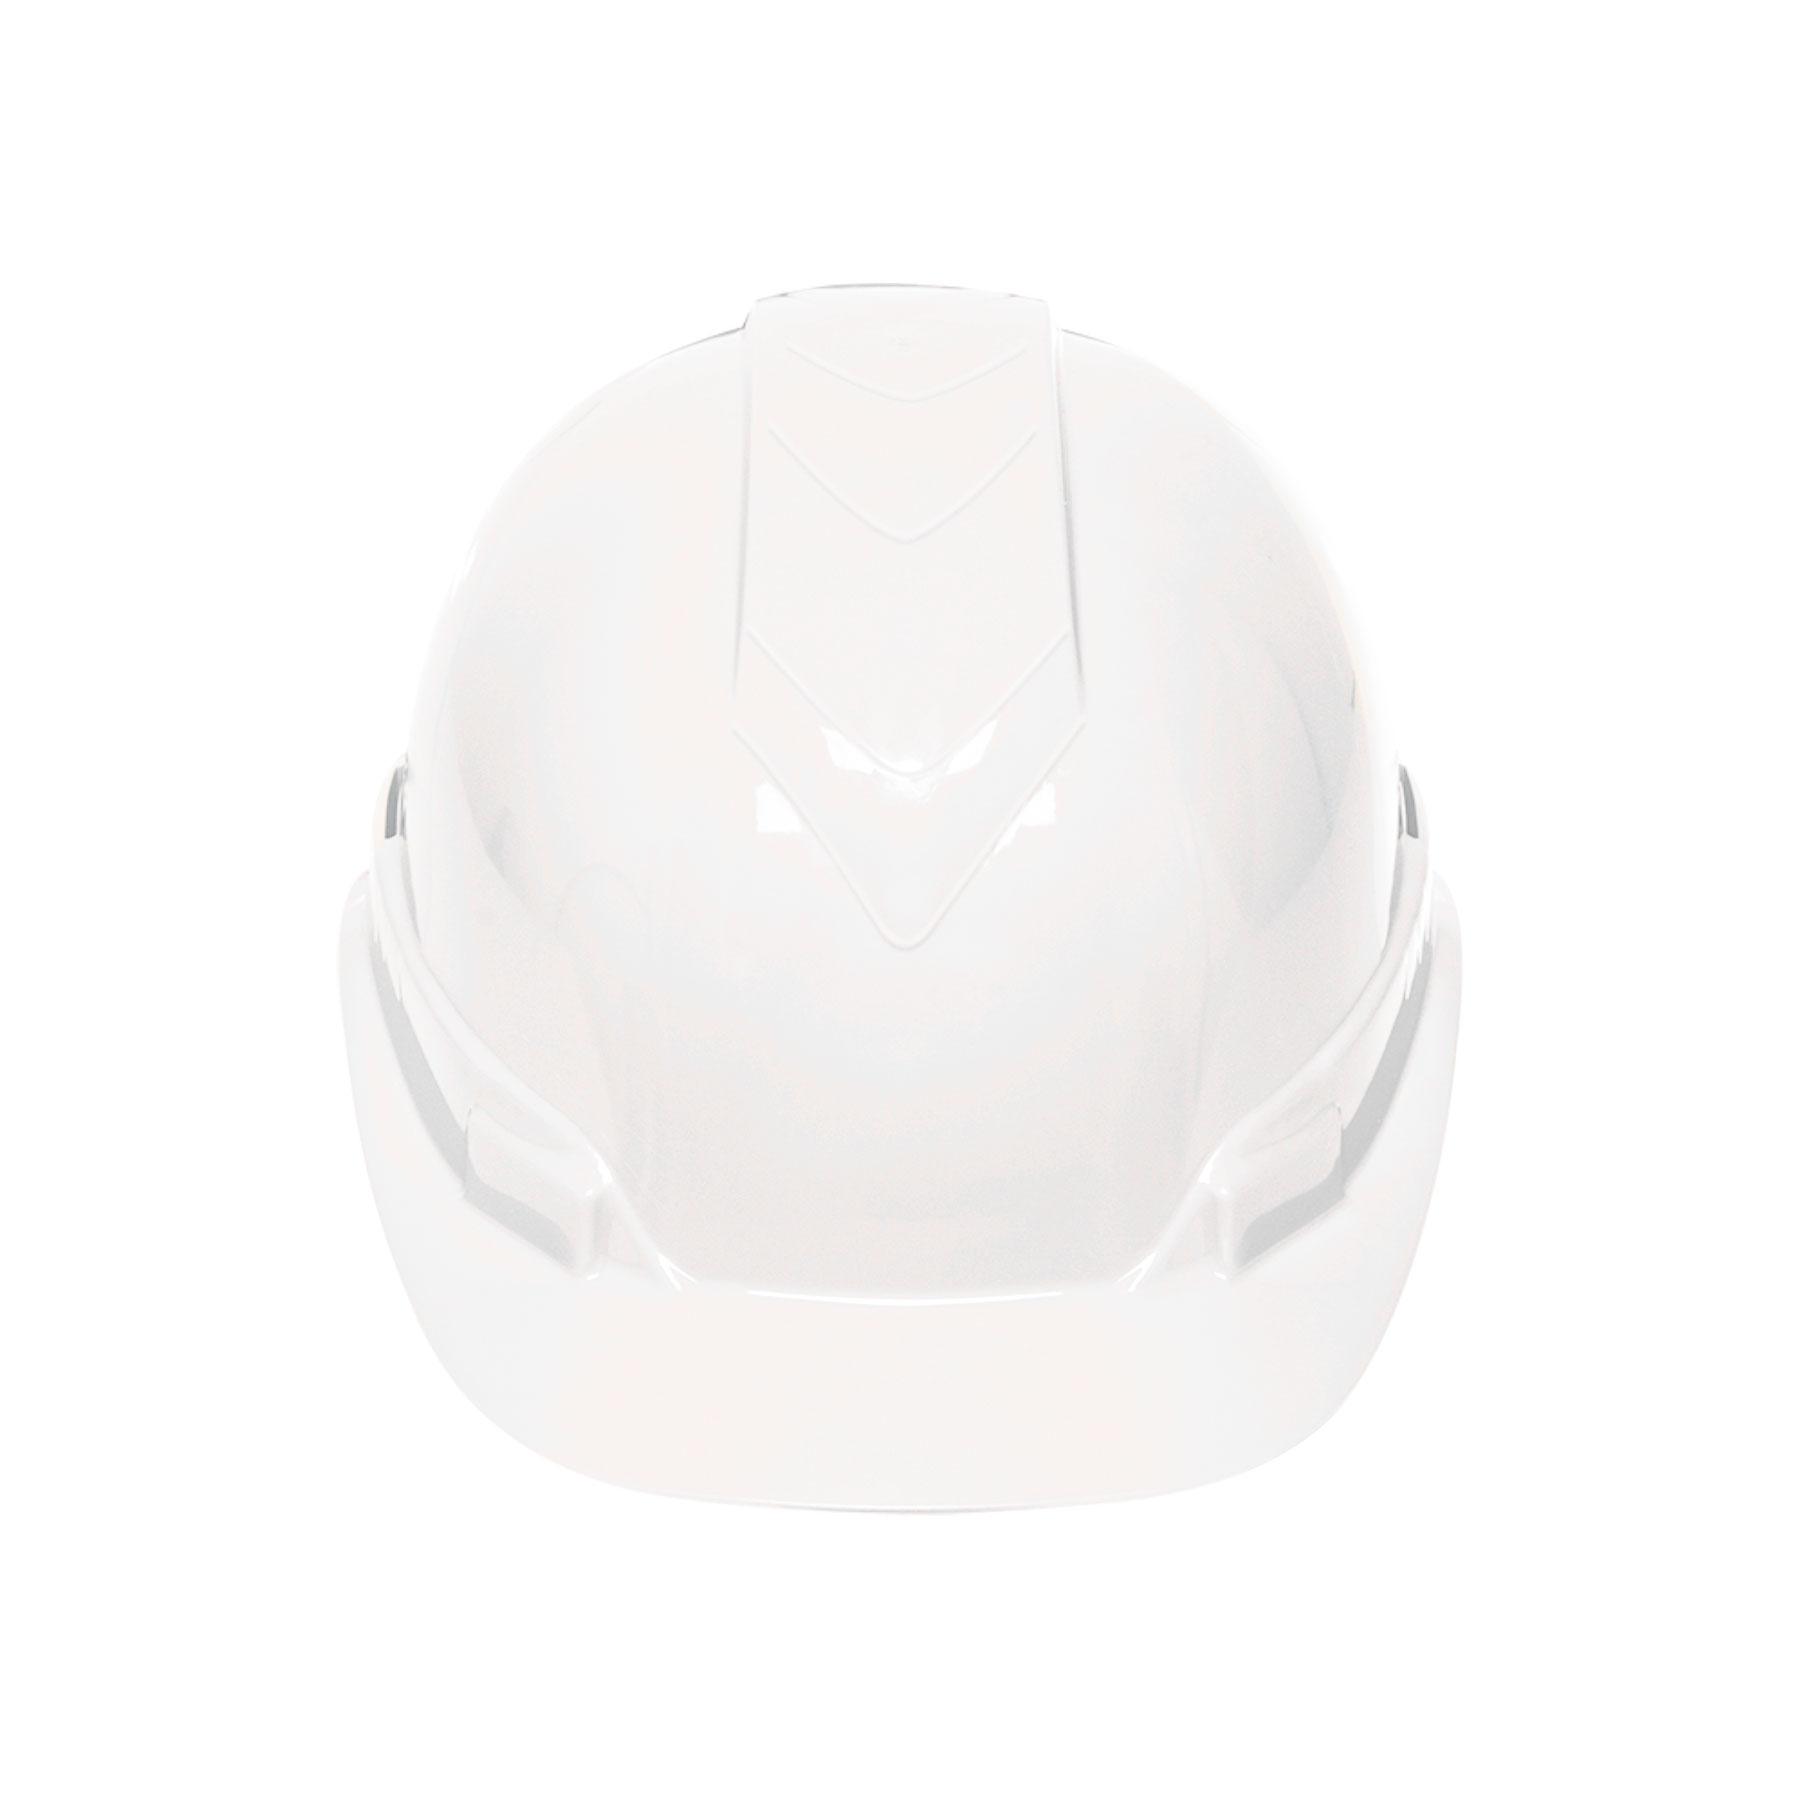 Casco de seguridad color blanco